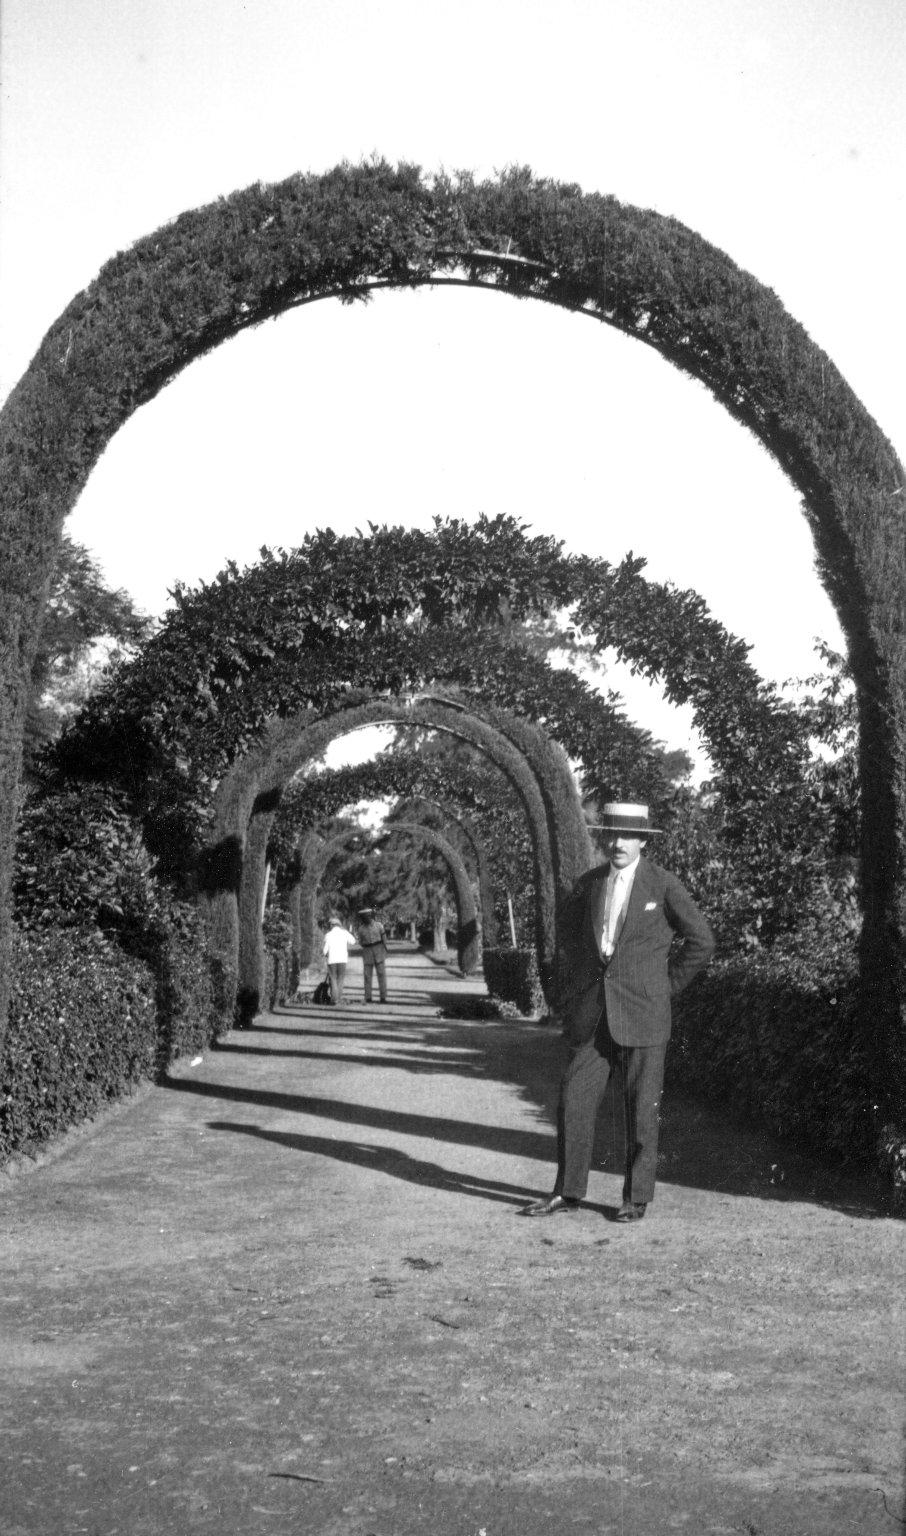 View in Buenos Aires Rose Garden: Frederick G. Brandenburg